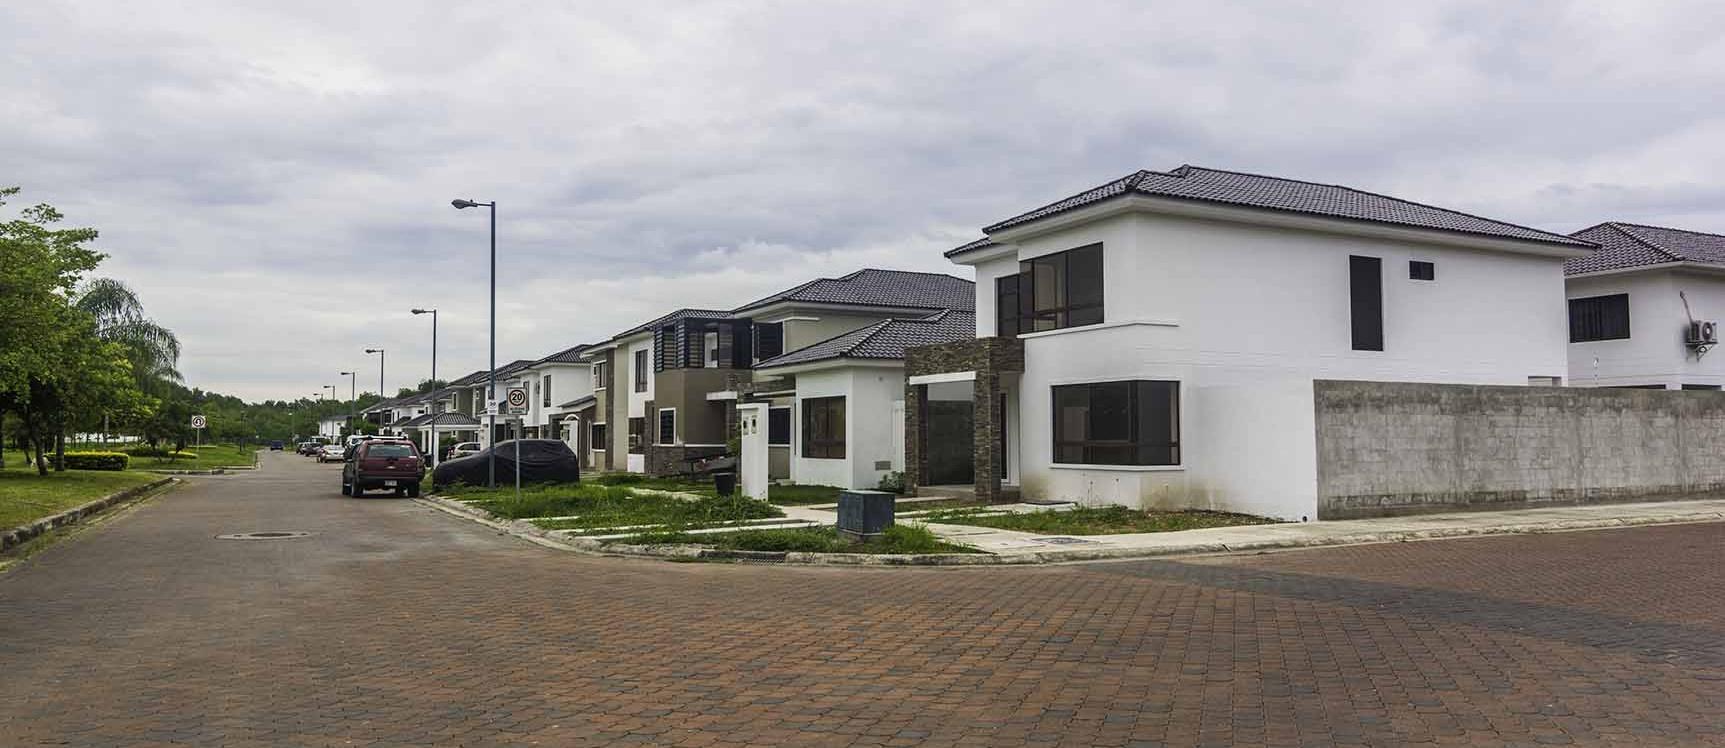 GeoBienes - Terreno en Venta Urbanización Punta Esmeraldas, Vía a La Costa - Plusvalia Guayaquil Casas de venta y alquiler Inmobiliaria Ecuador